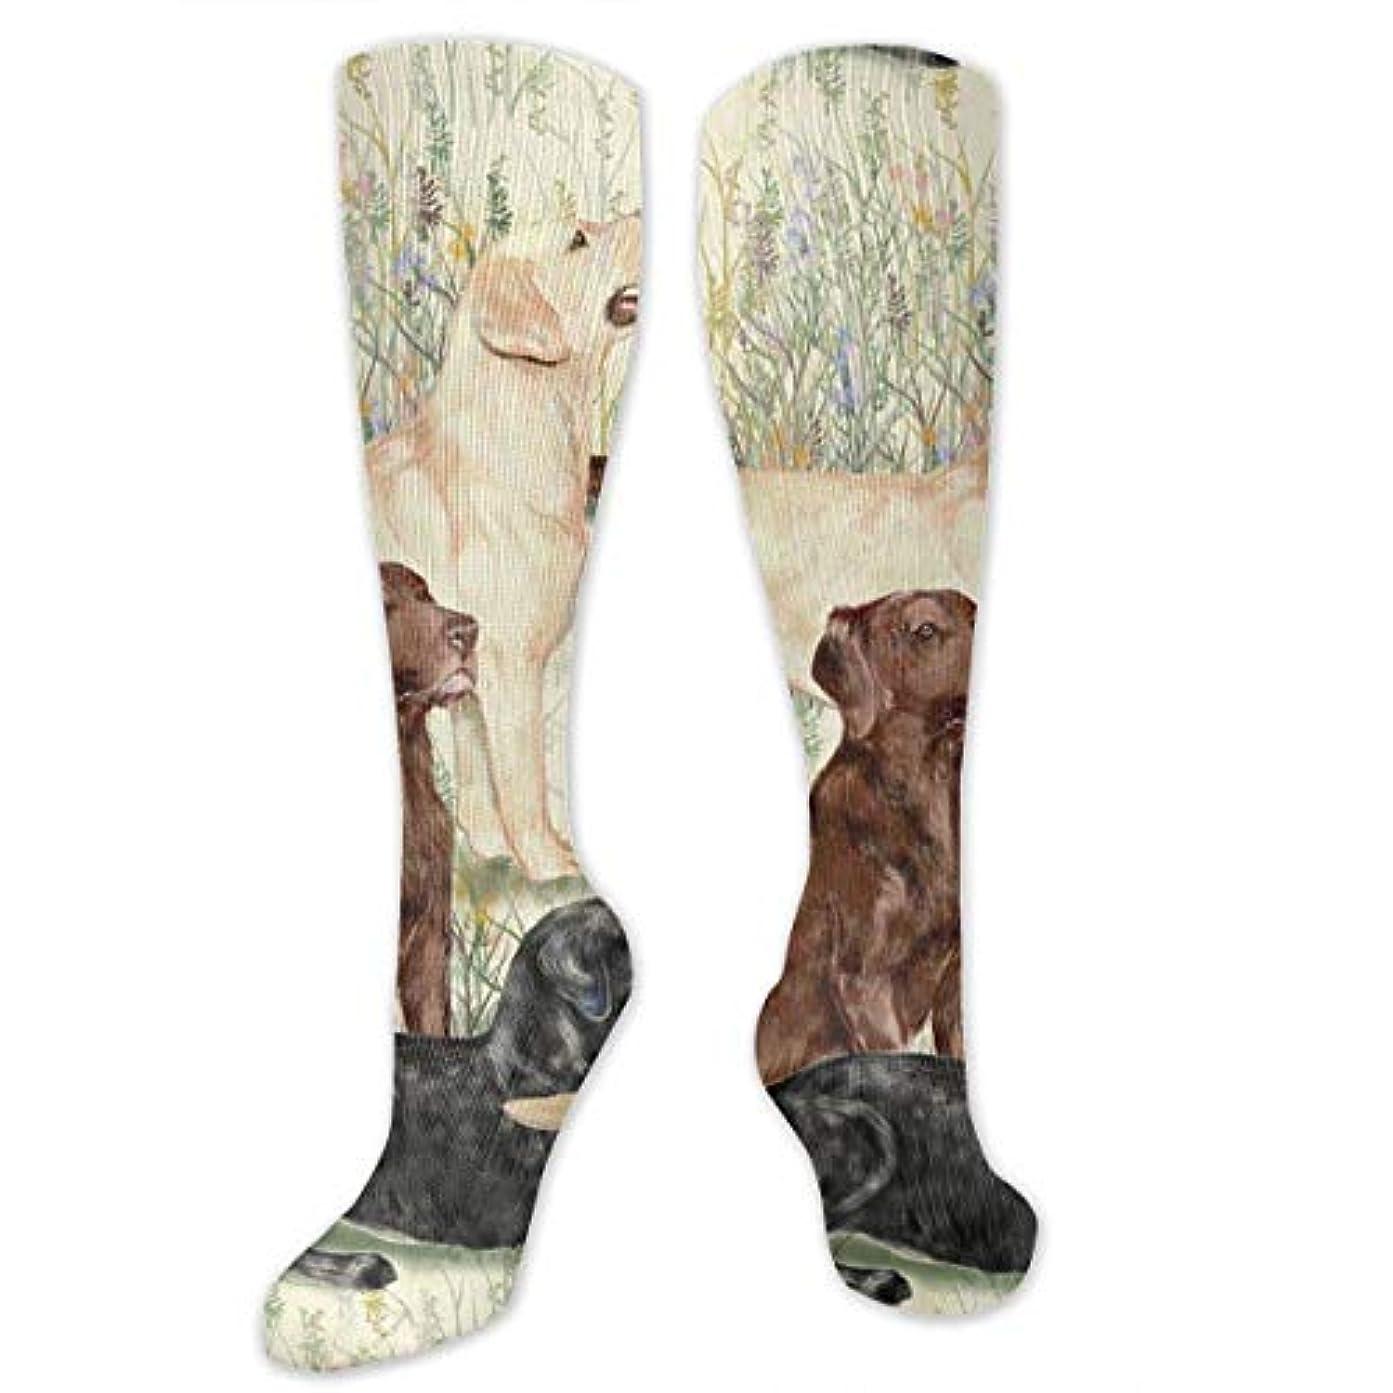 強いますそれから靴下,ストッキング,野生のジョーカー,実際,秋の本質,冬必須,サマーウェア&RBXAA Landscape Cute Dog Socks Women's Winter Cotton Long Tube Socks Cotton...